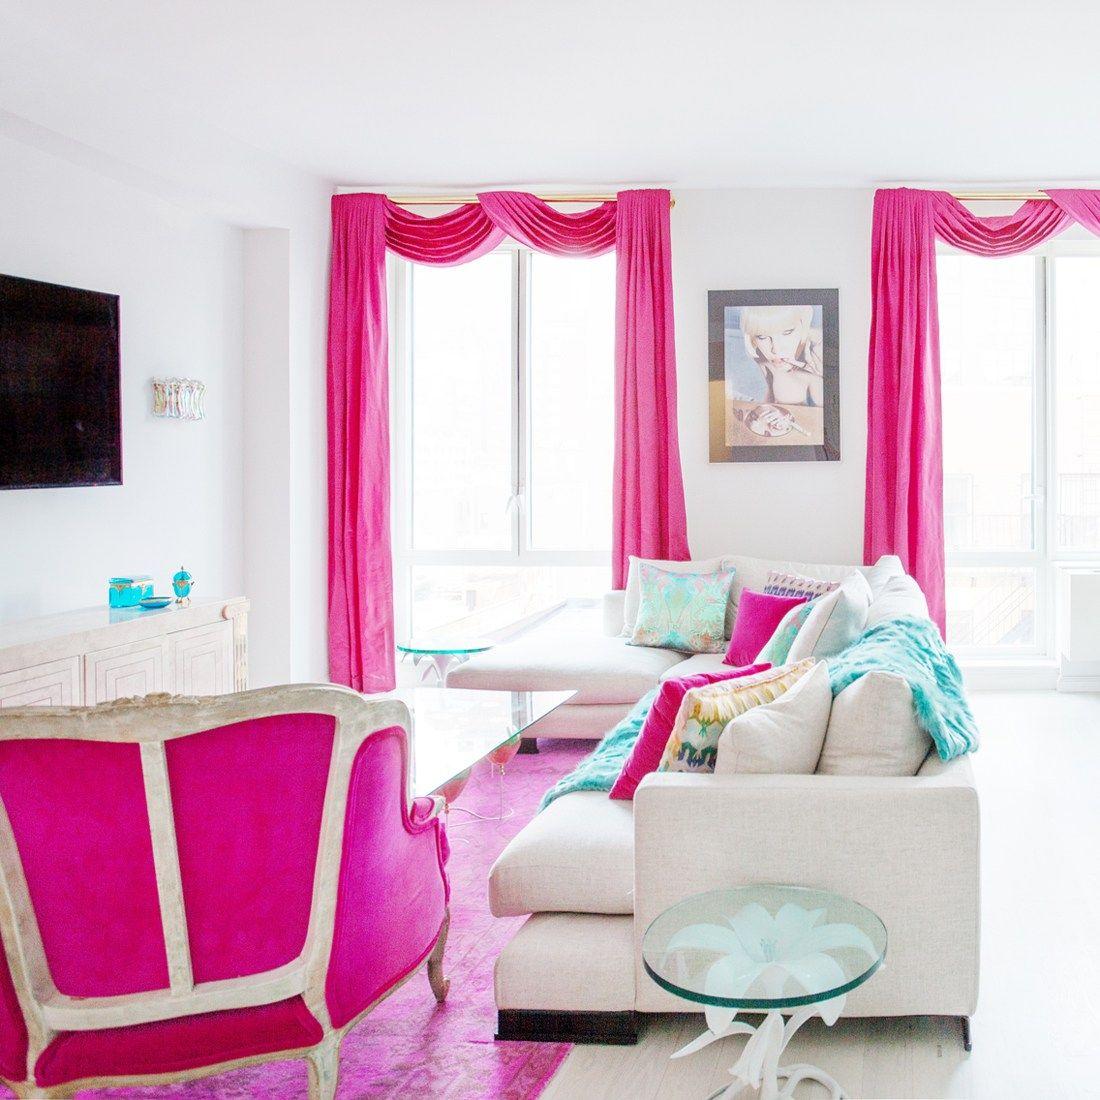 Florida Barbie Dream House Pink Home Decor Decor